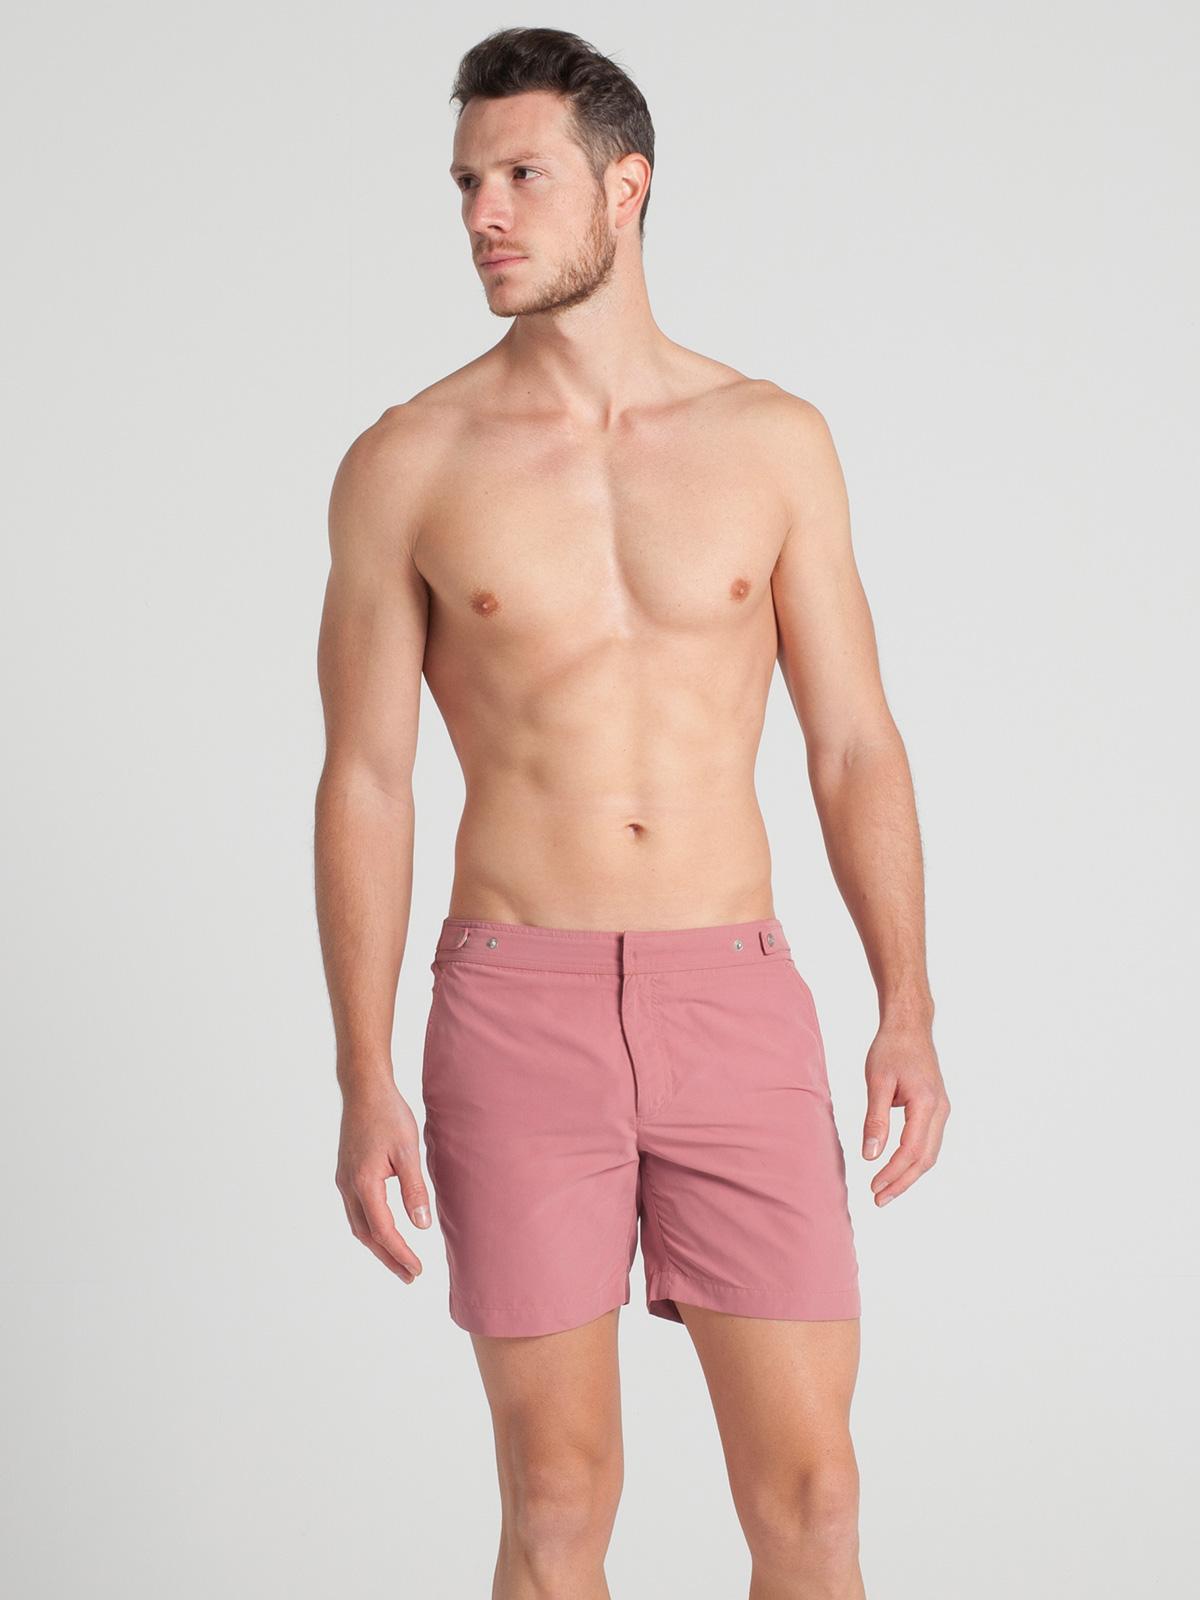 Шорты для плавания Однотонные розовые пляжные мужские шорты - Pinkpale 1be61d18c91fa